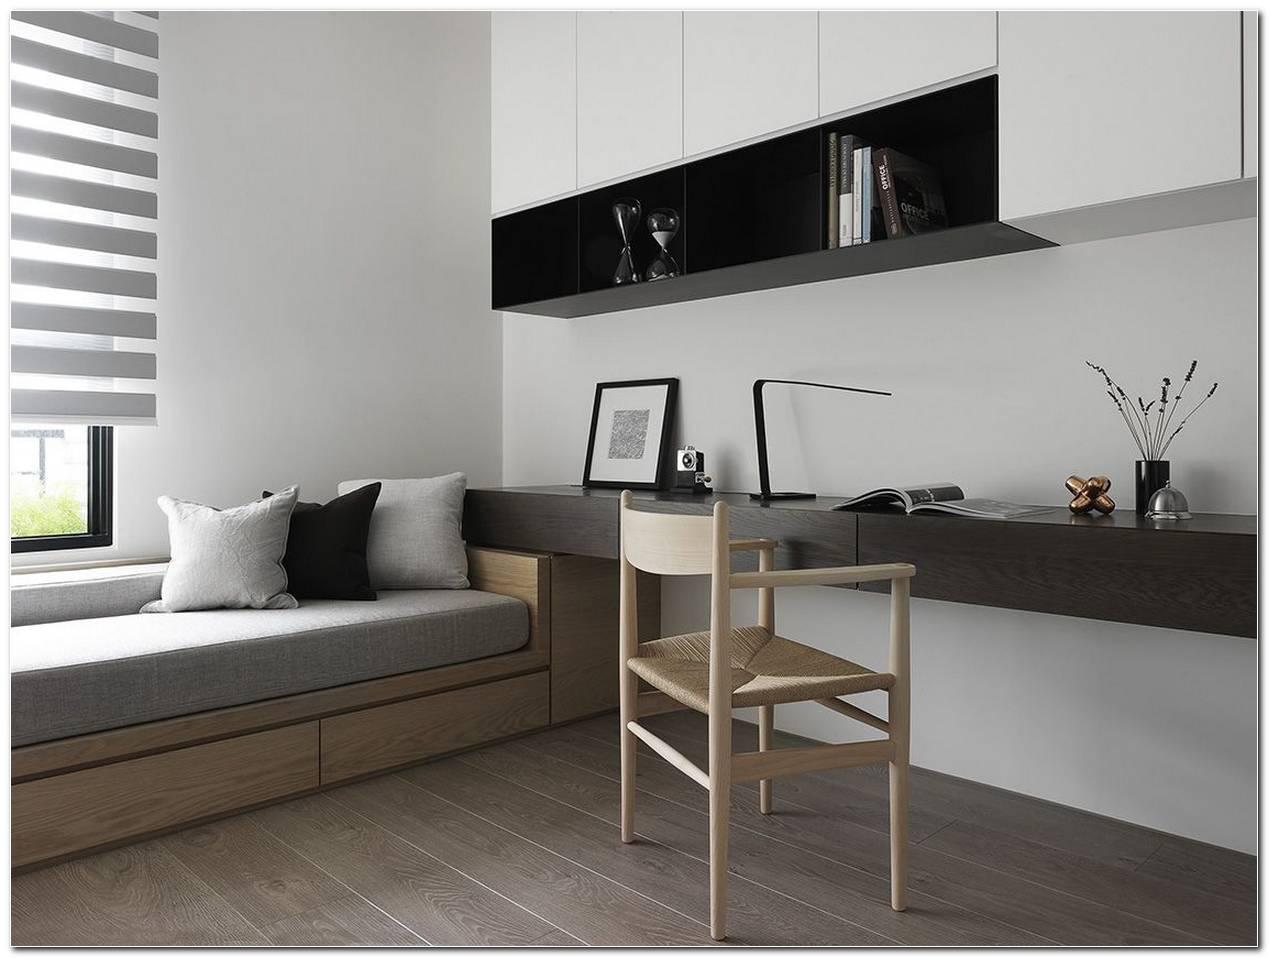 Design De Interiores A Distancia